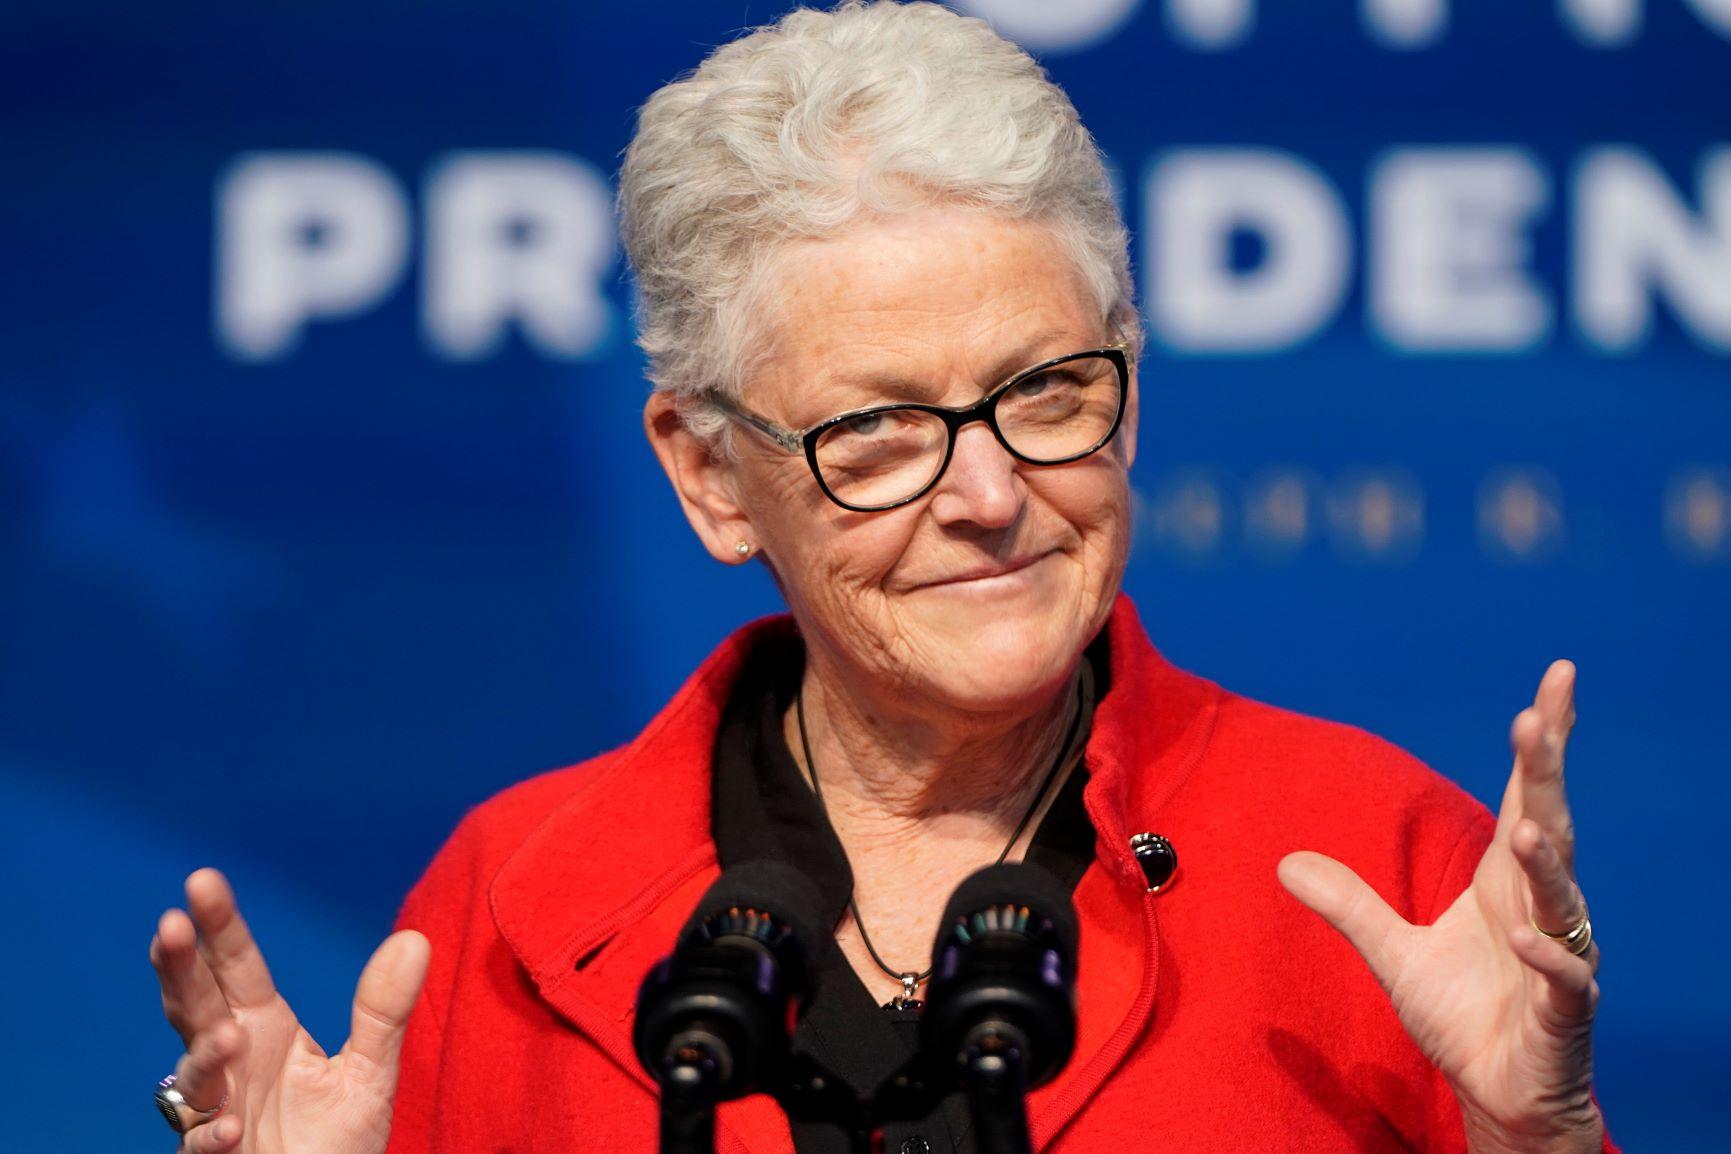 Conselheira Especial para o Clima de Biden, Gina McCarthy na apresentação do time climático do novo presidente: ex-administradora da EPA no governo Obama (Foto: Joshua Roberts/Getty/AFP - 19/12/2020)